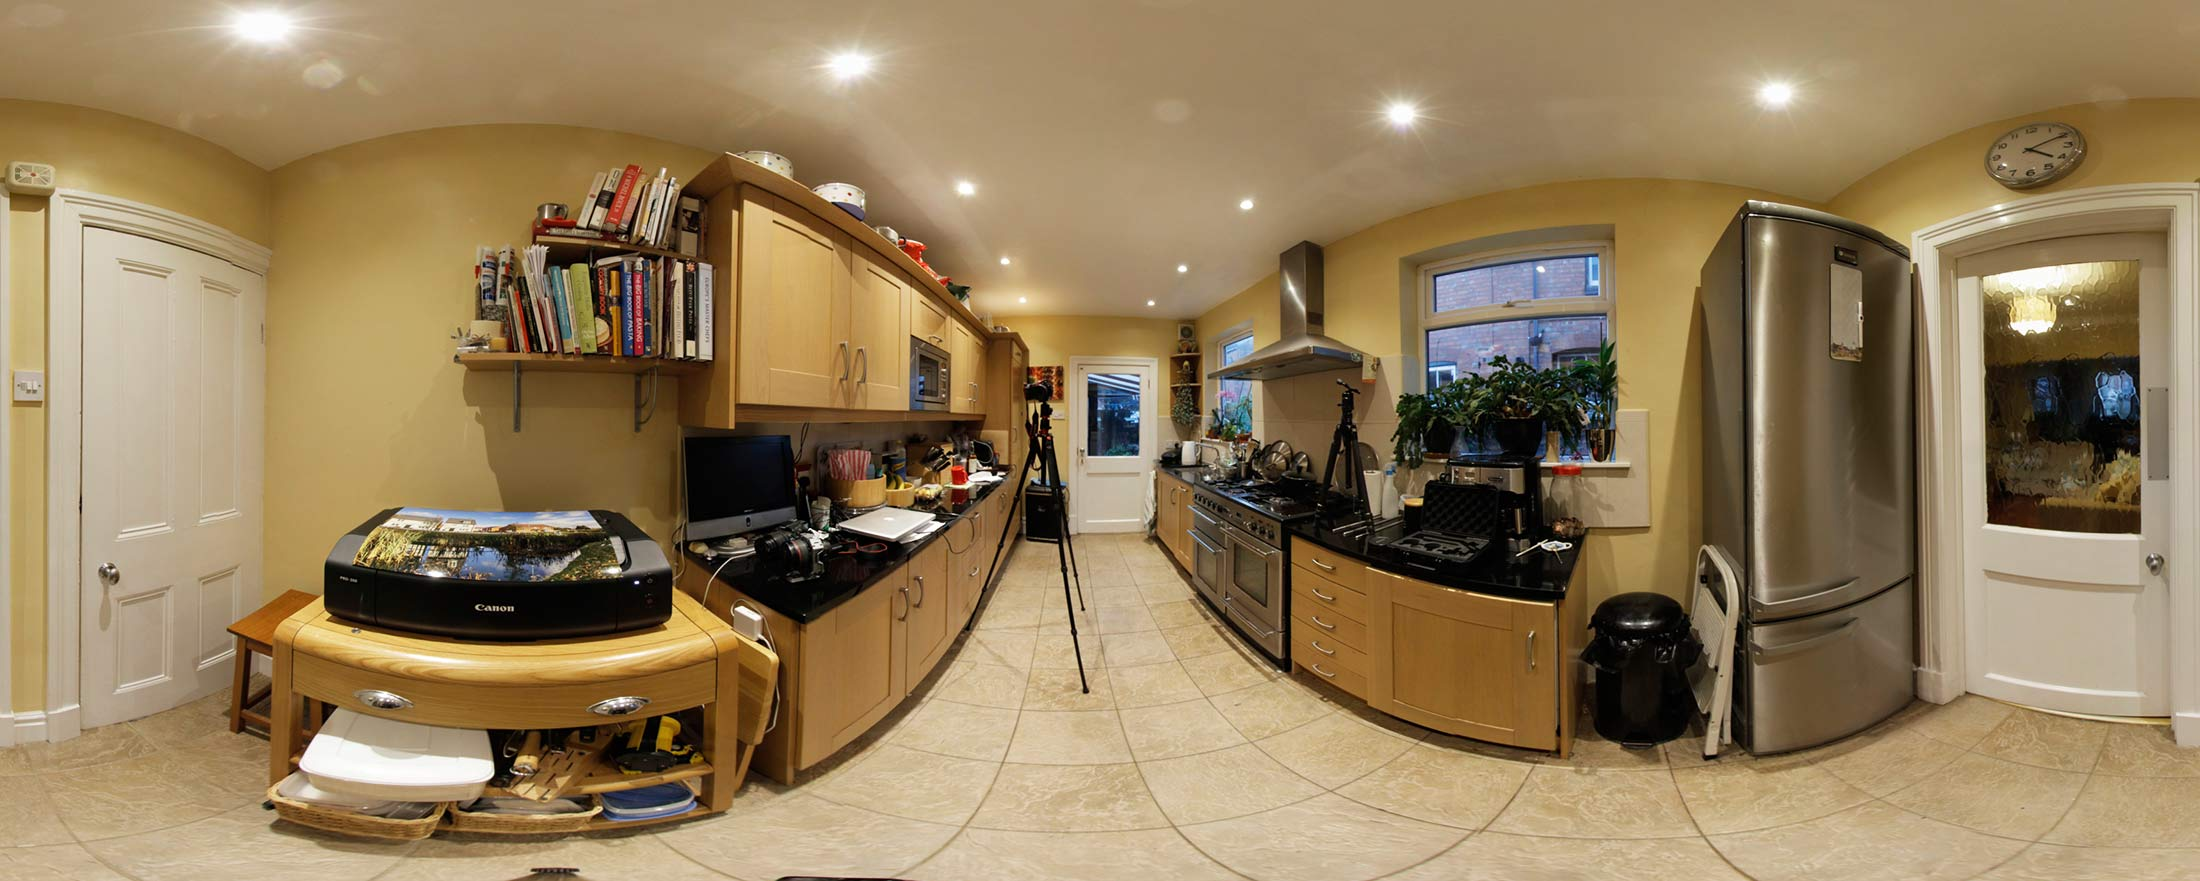 wide-kitchen-view